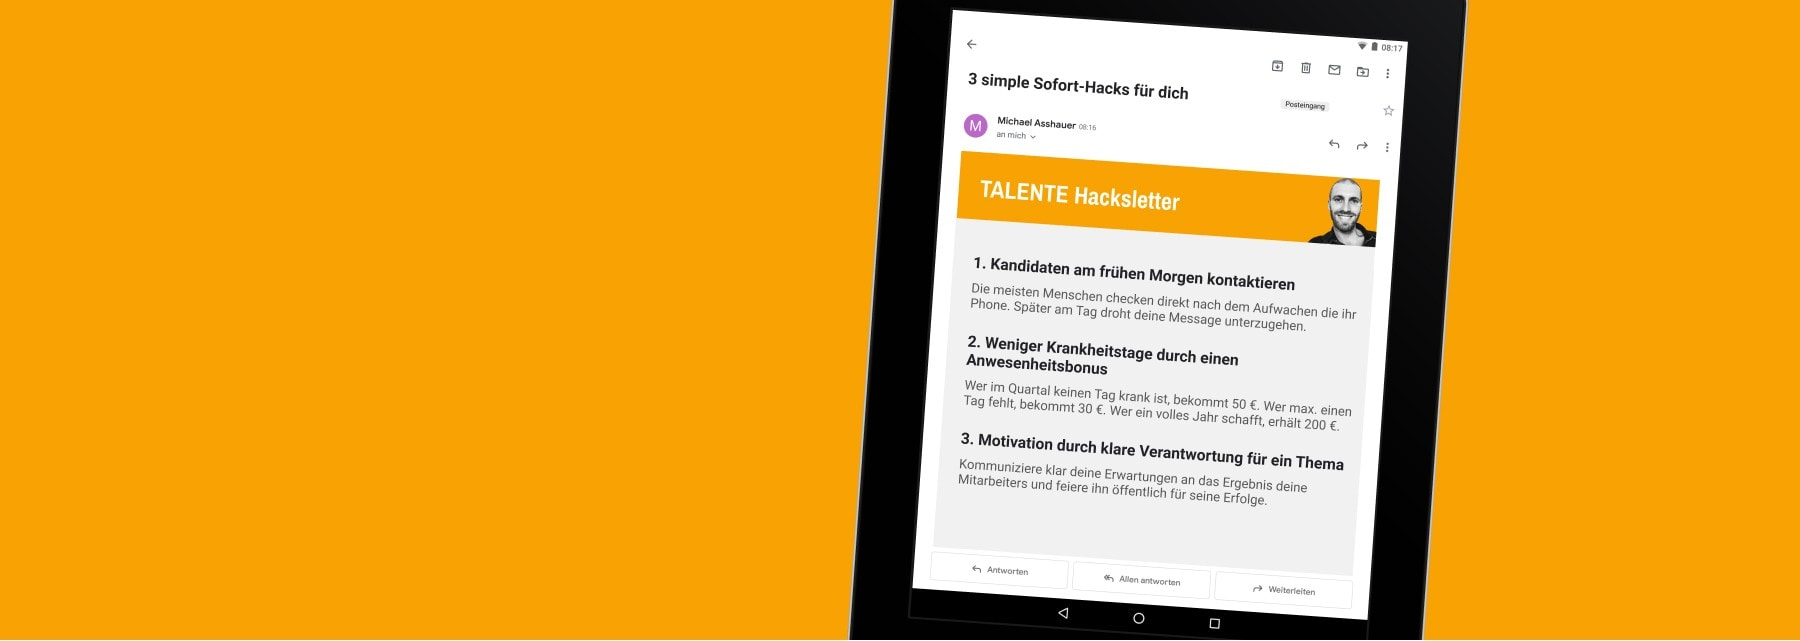 Der TALENTE Hacksletter Infoletter: Ideen und Tricks zum Finden, Führen und Binden der besten Mitarbeiter